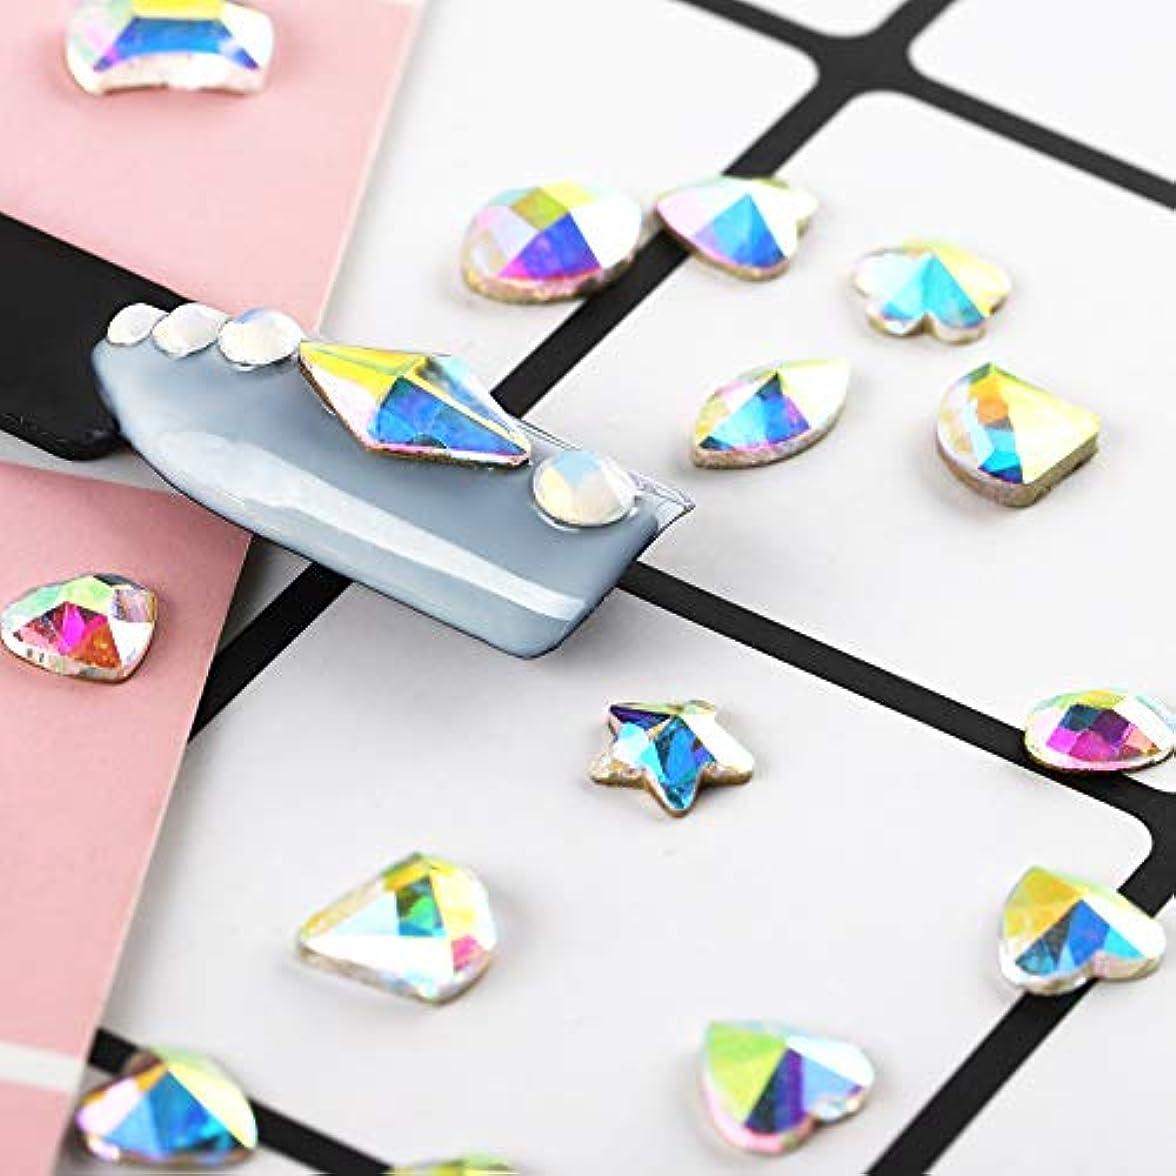 地下害虫休みネイルダイヤモンド ネイル デコ用 ラウンドケース入 ネイルアートパーツ ネイル用品